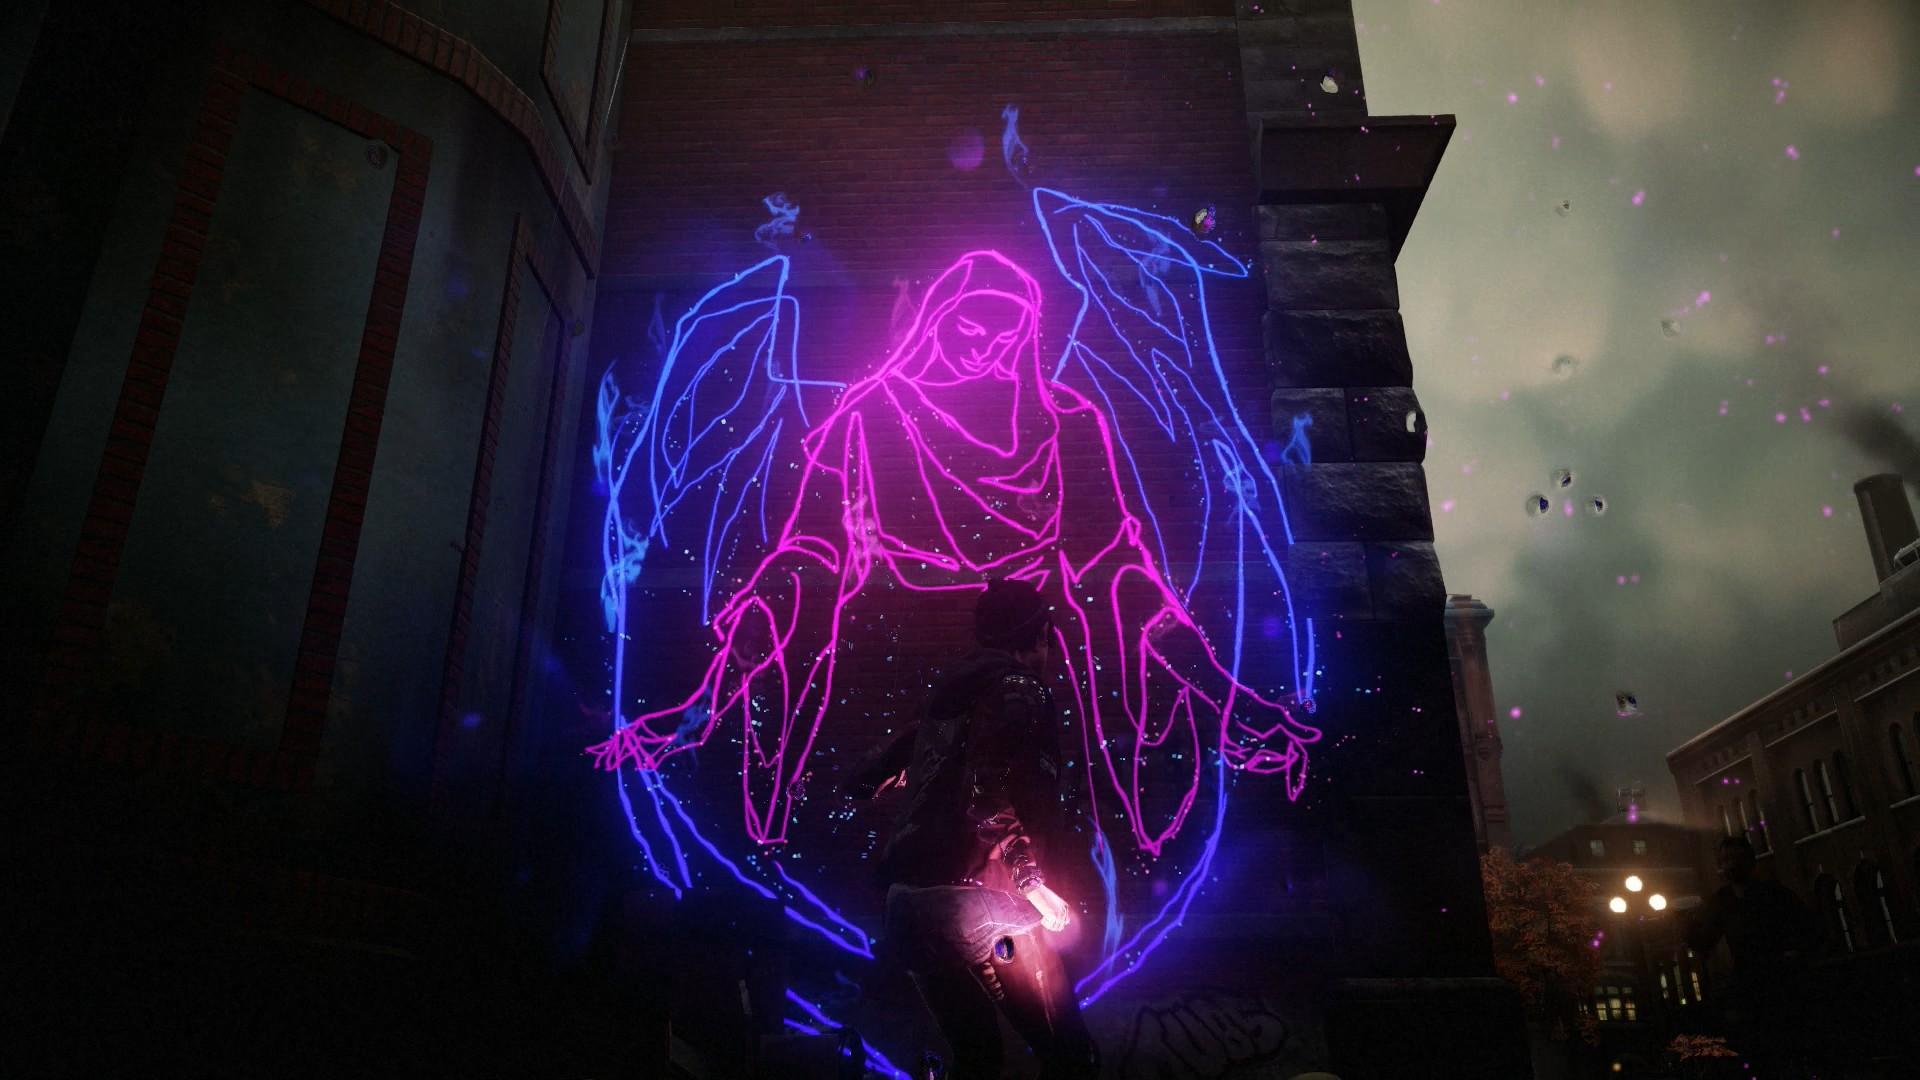 First Light Hd Wallpaper Hd Infamous First Light Neon